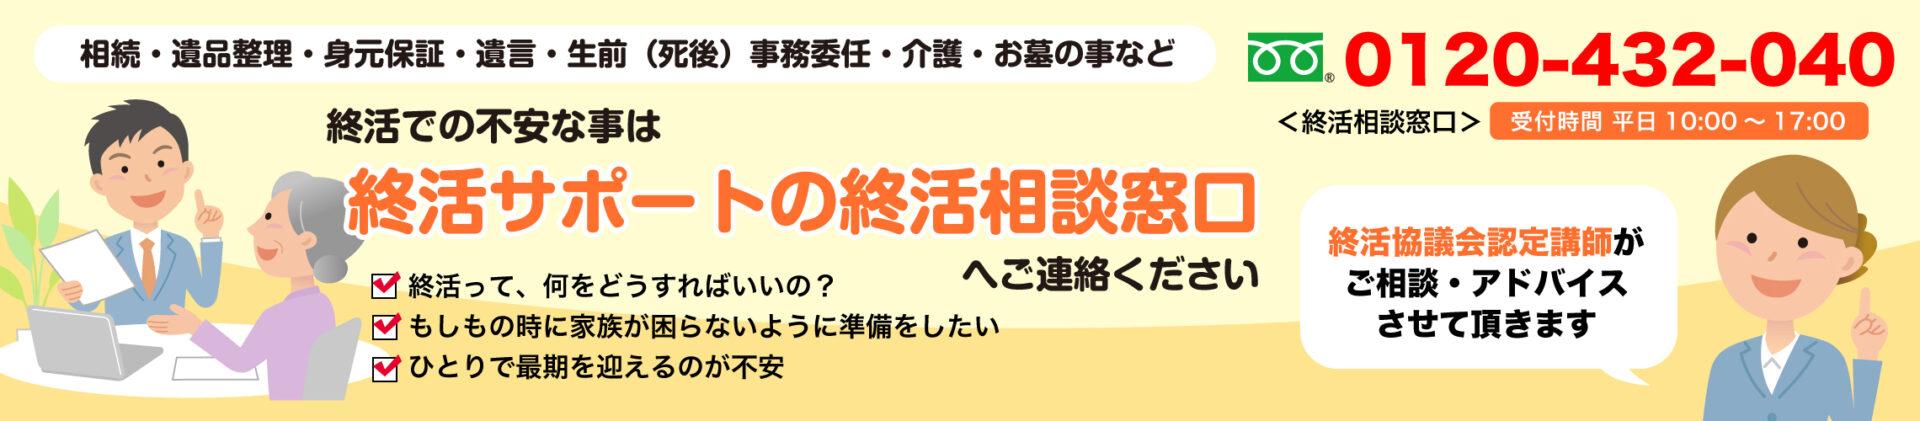 施工実績は3ヶ月余で10件!「日本三景松島での海洋葬」